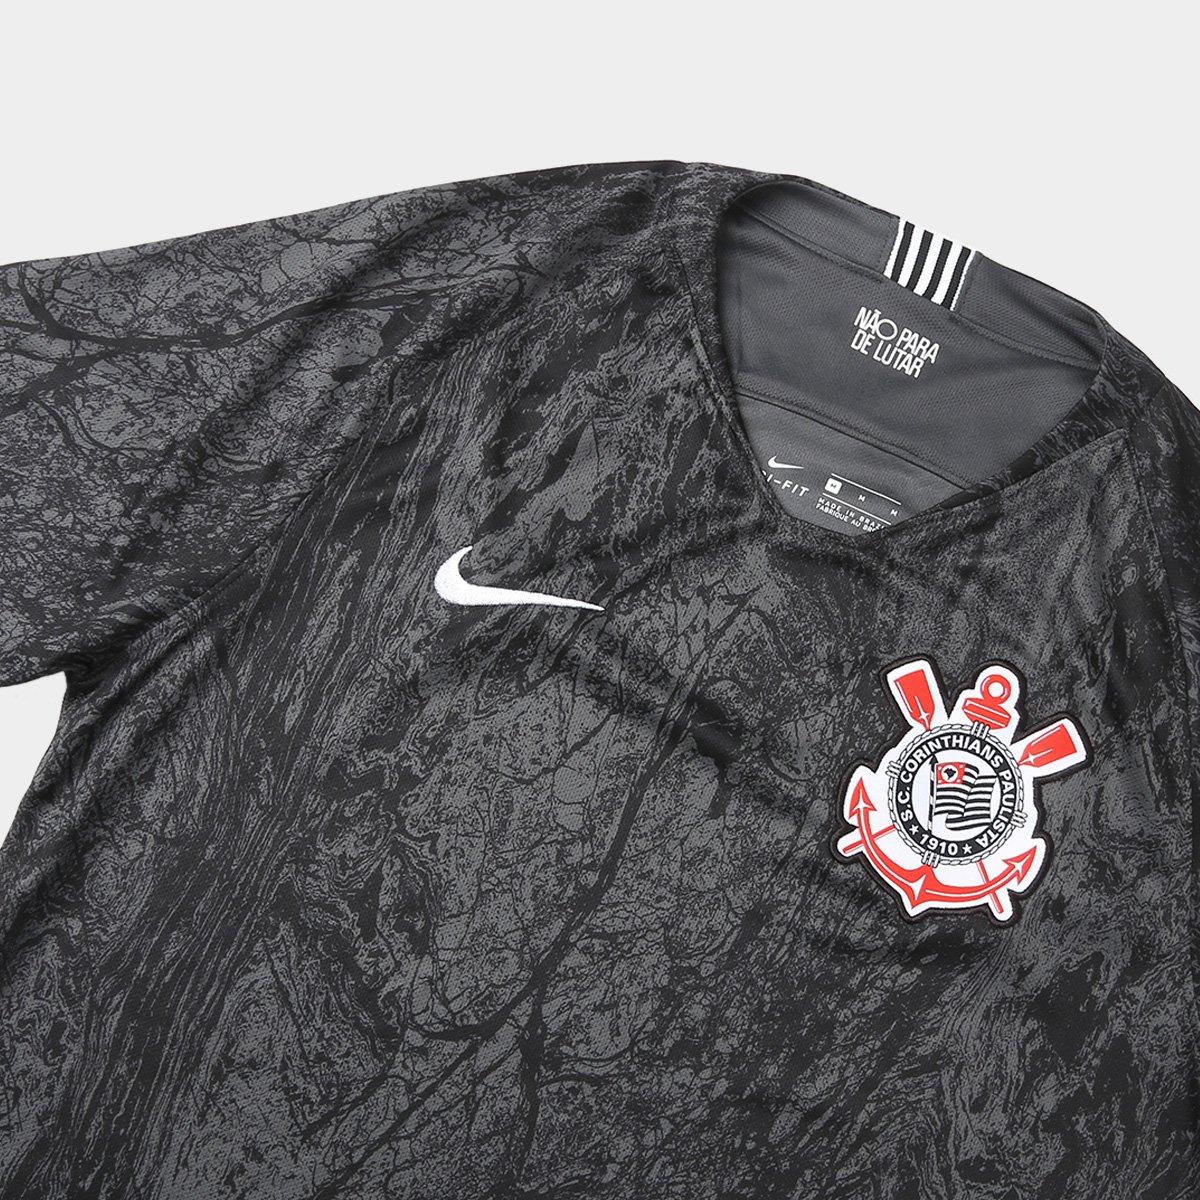 efb93723ed ... Camisa do Corinthians II 18 19 nº 9 Vagner Love - Torcedor Nike  Masculina